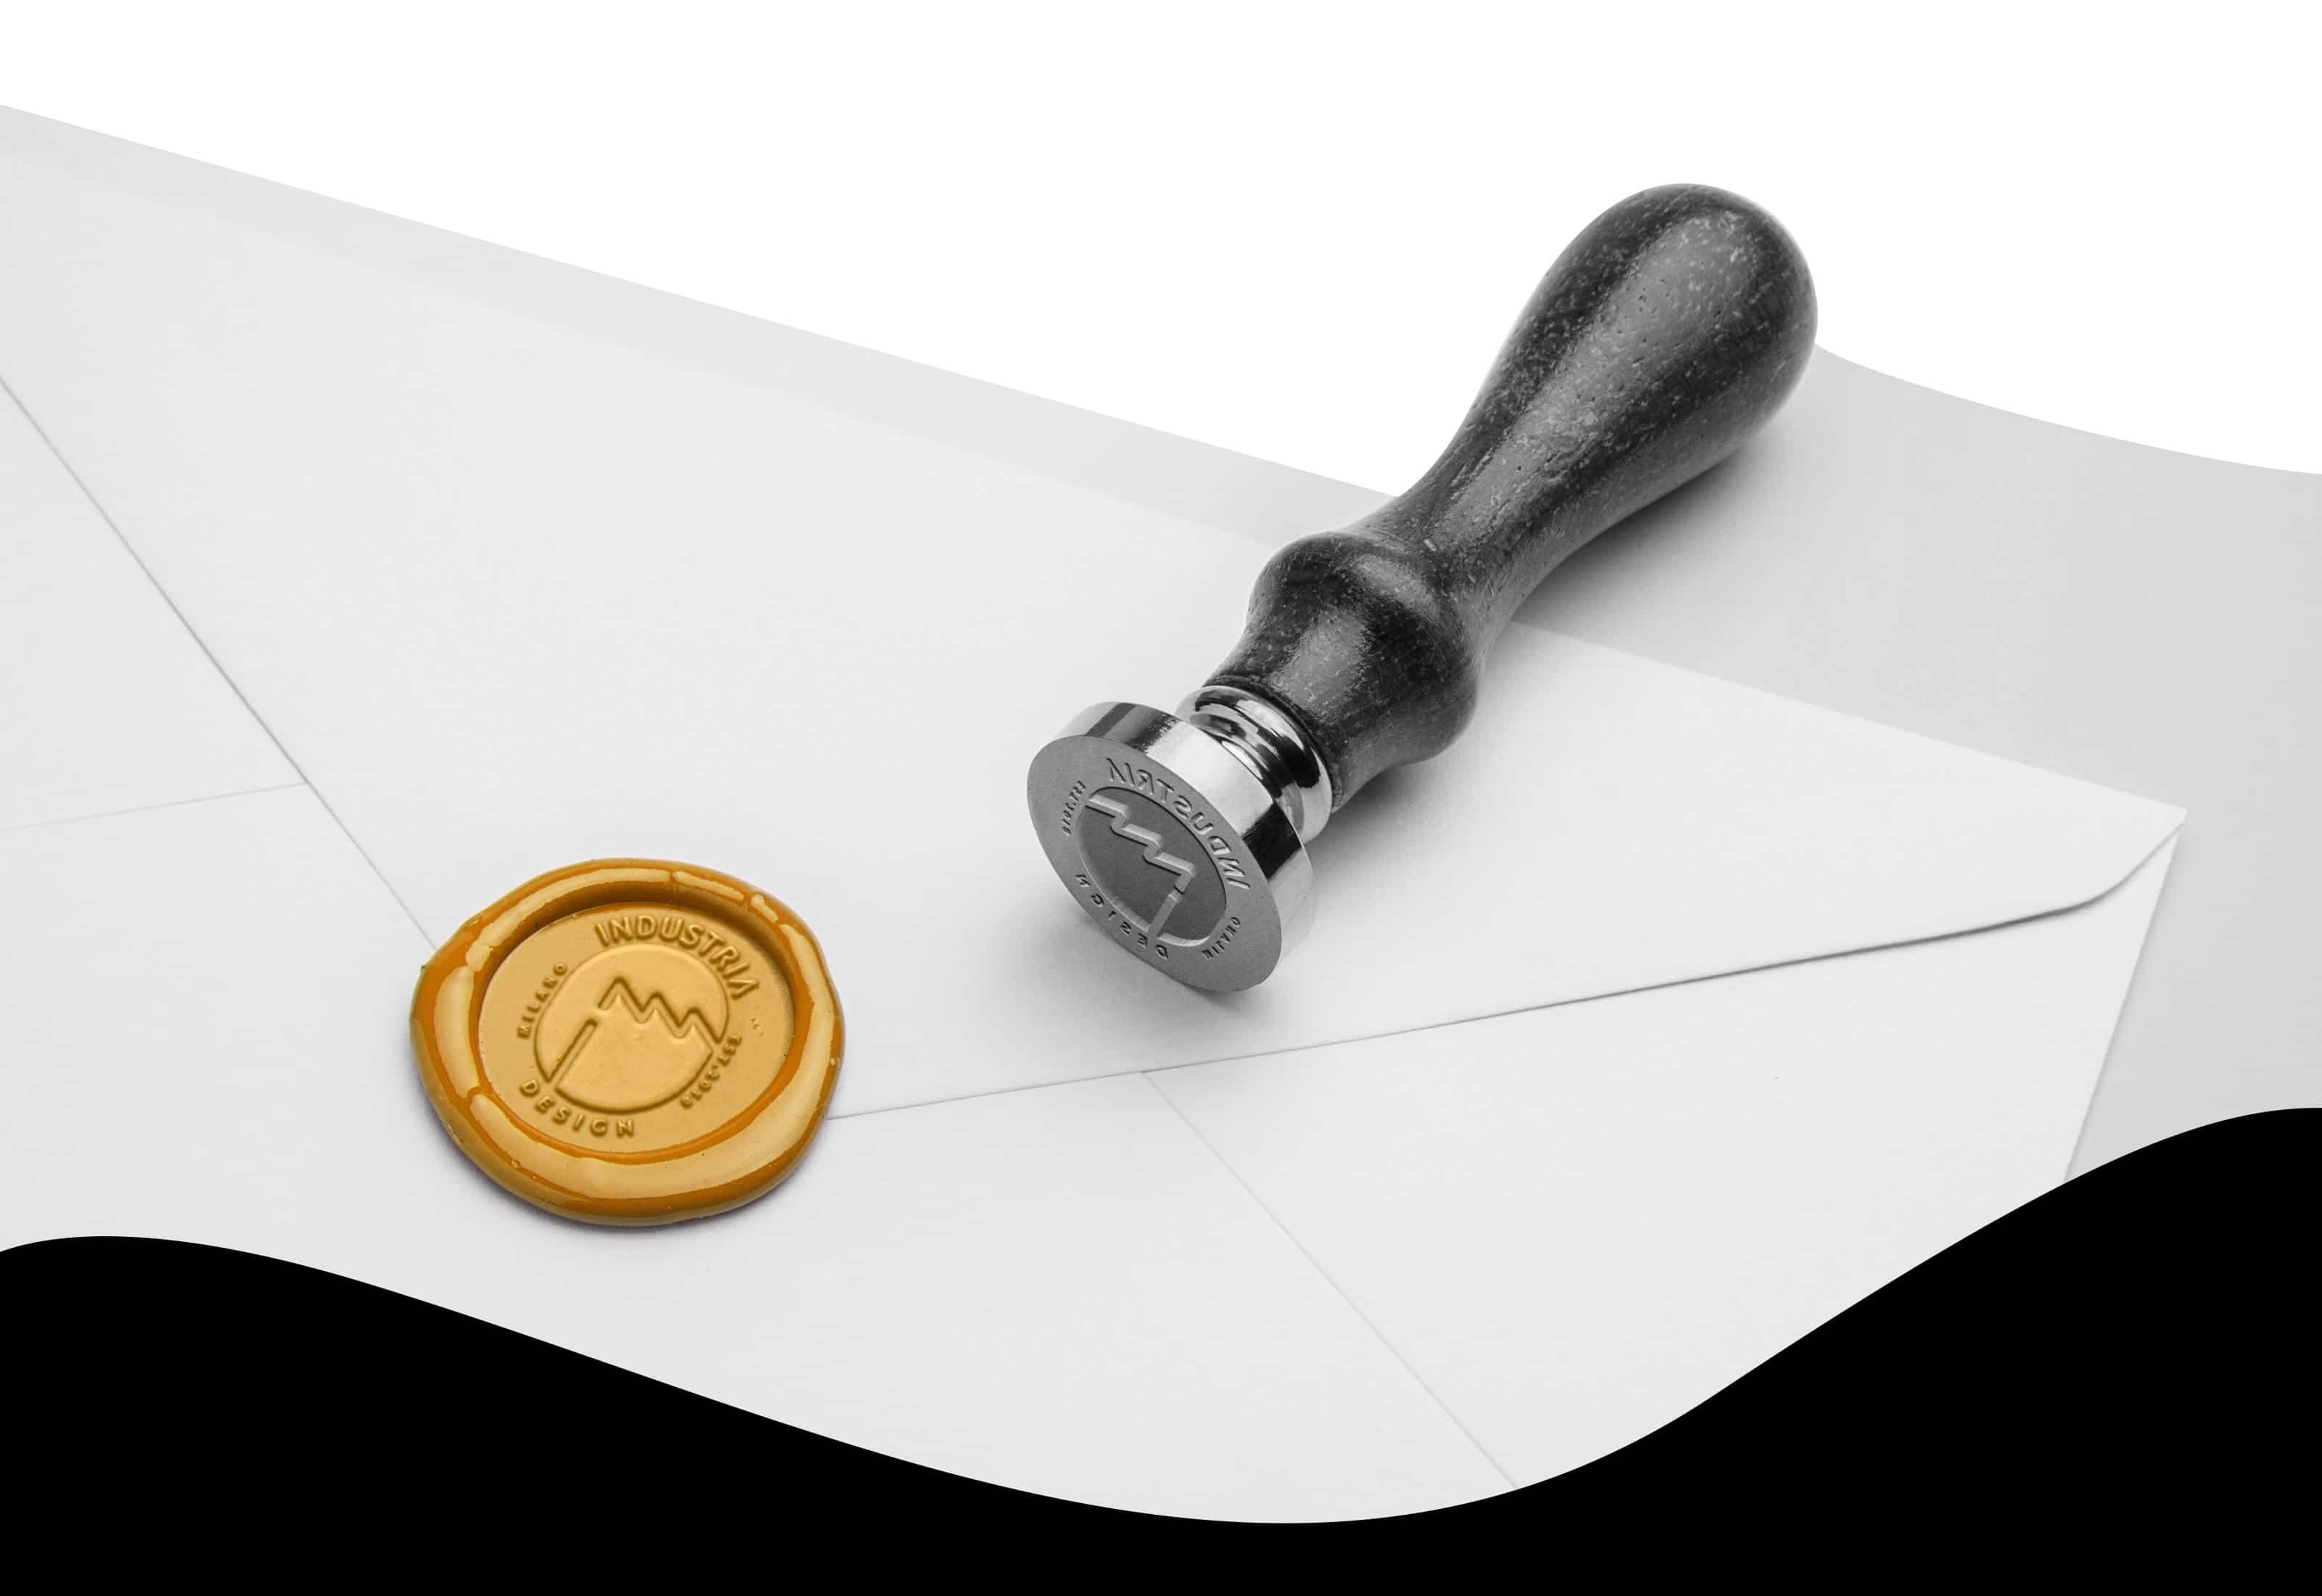 industria design logo stamp